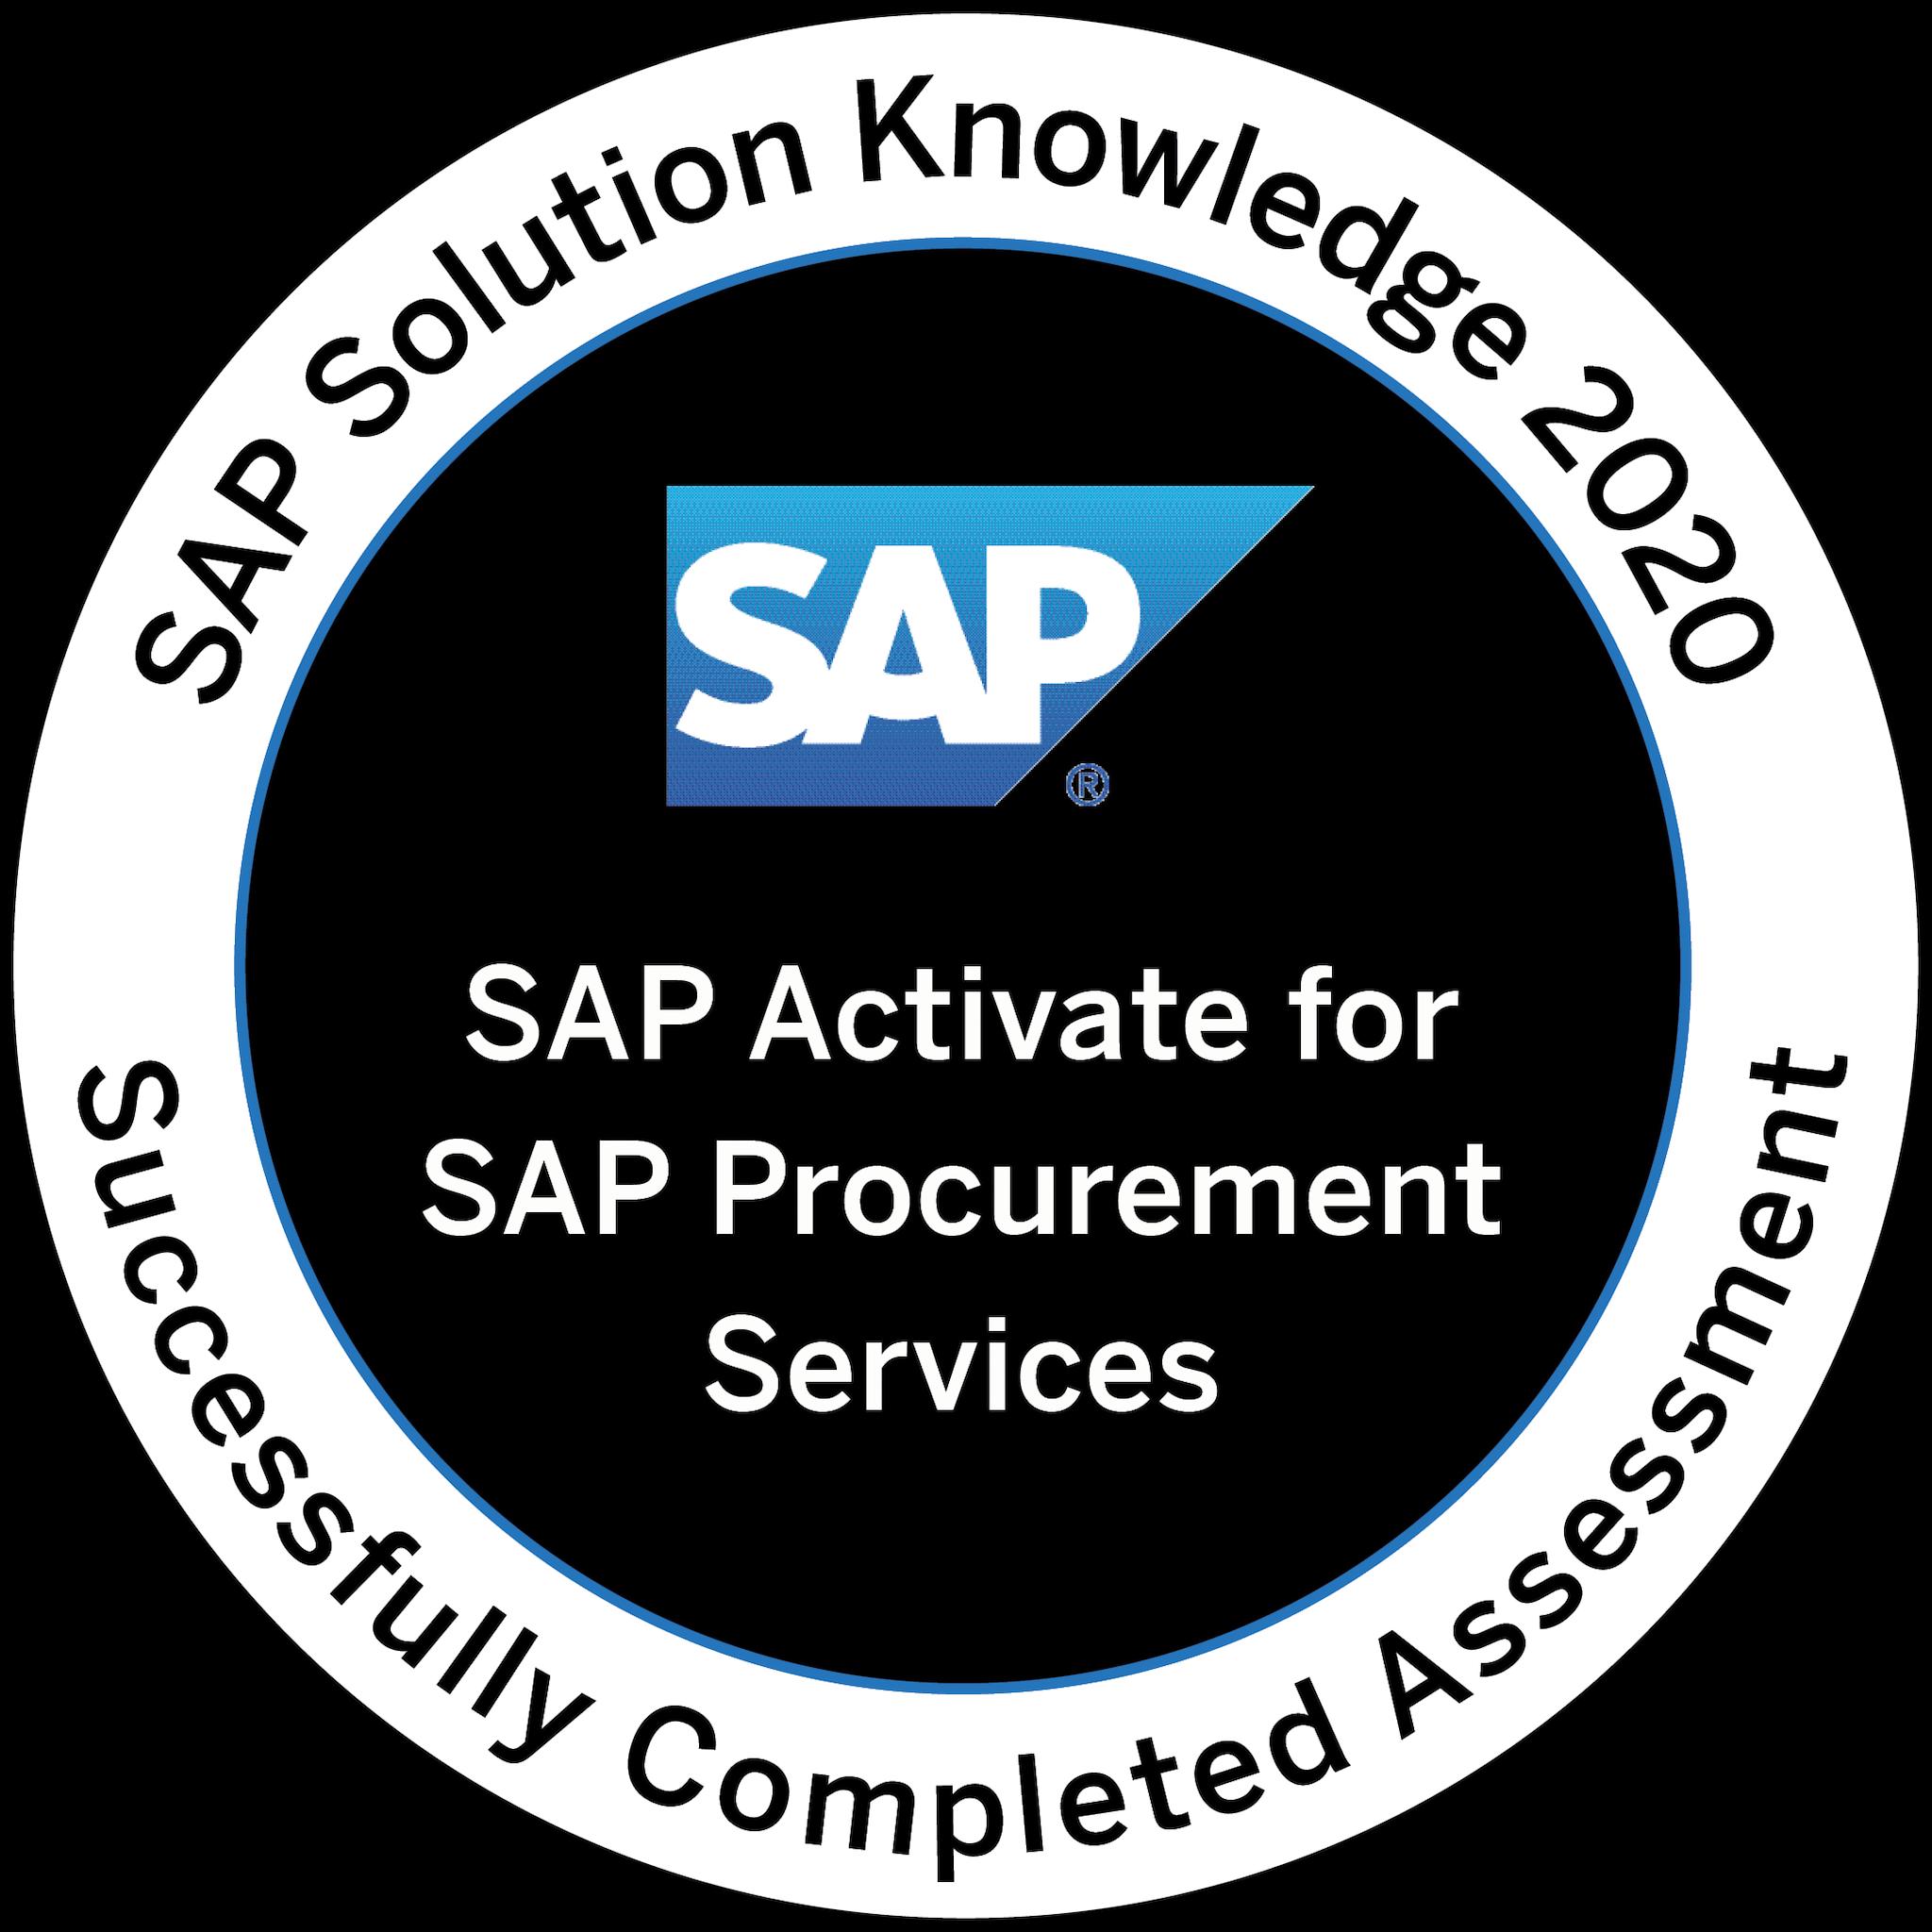 SAP Solution Knowledge 2020 - SAP Activate for SAP Procurement Services